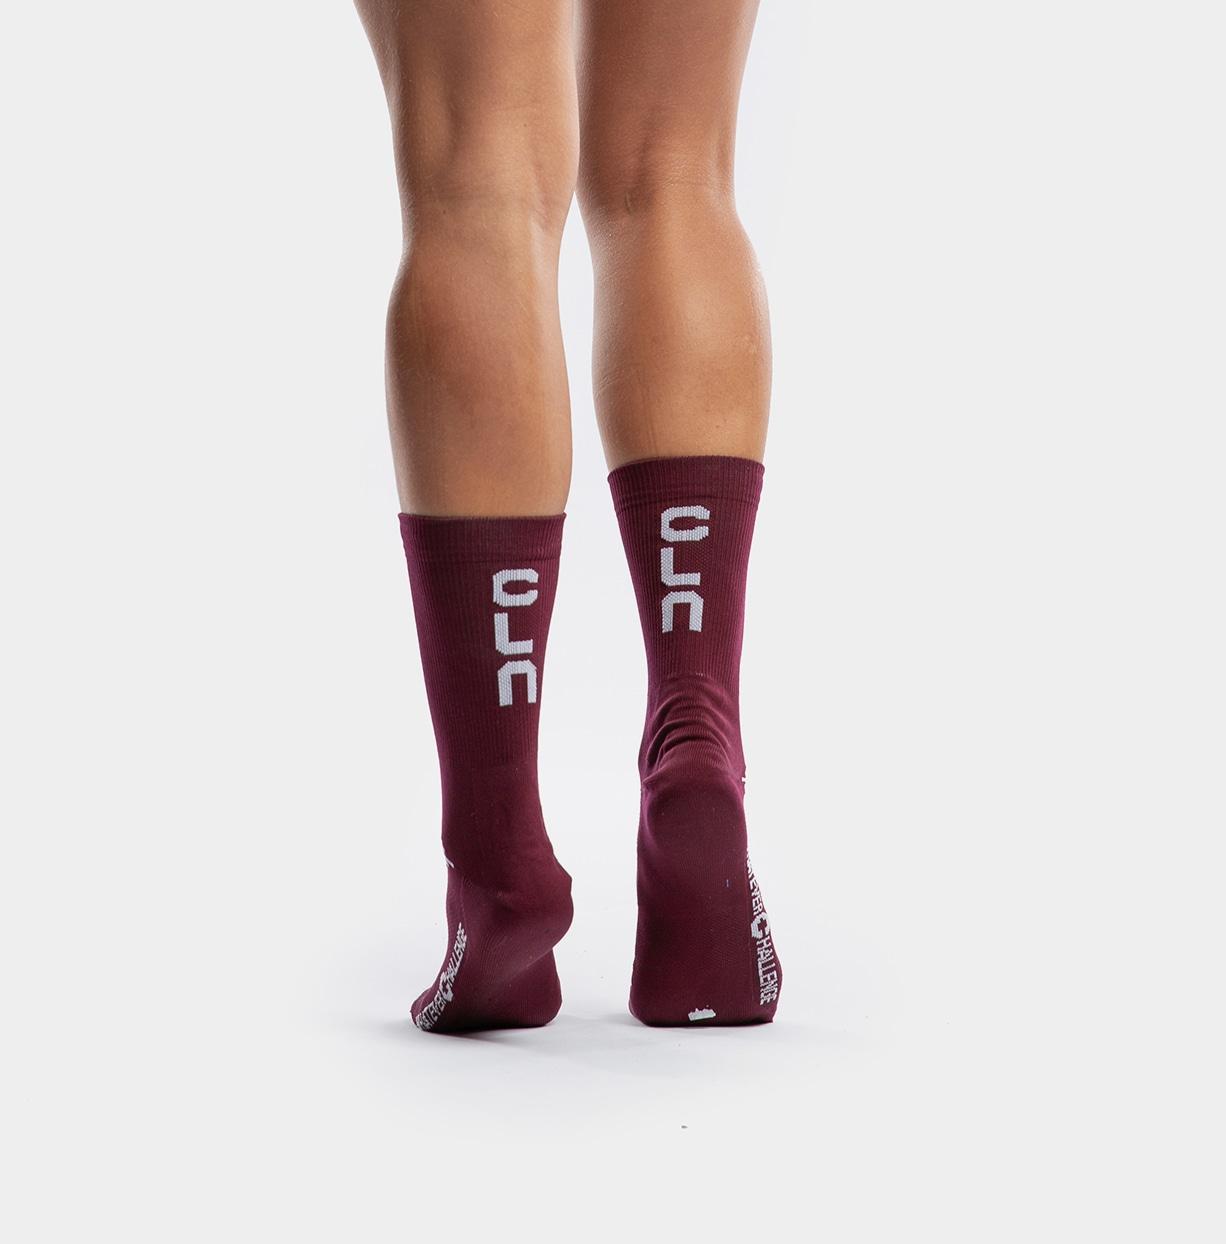 CLN Vision Socks Burgundy